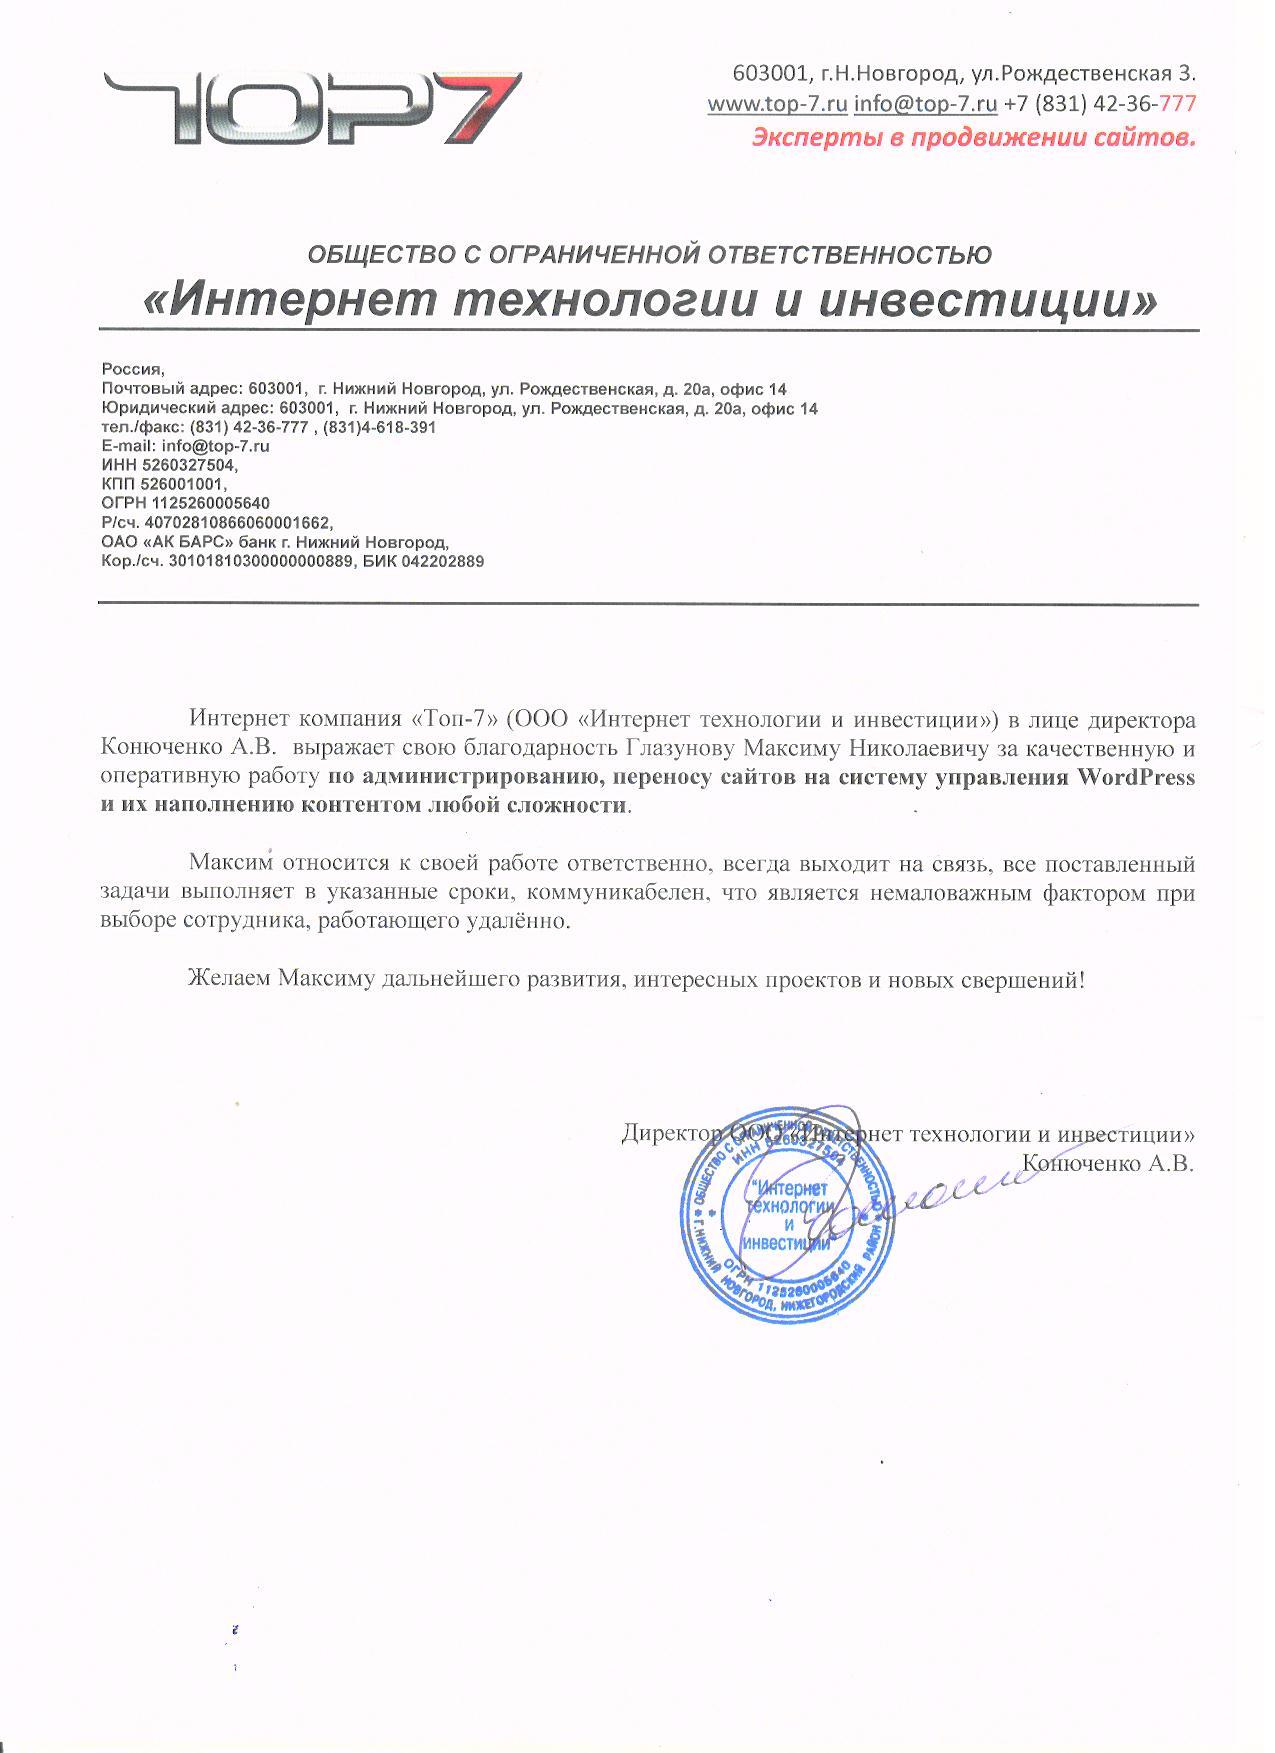 Благодарственное письмо Глазунову М. Н.